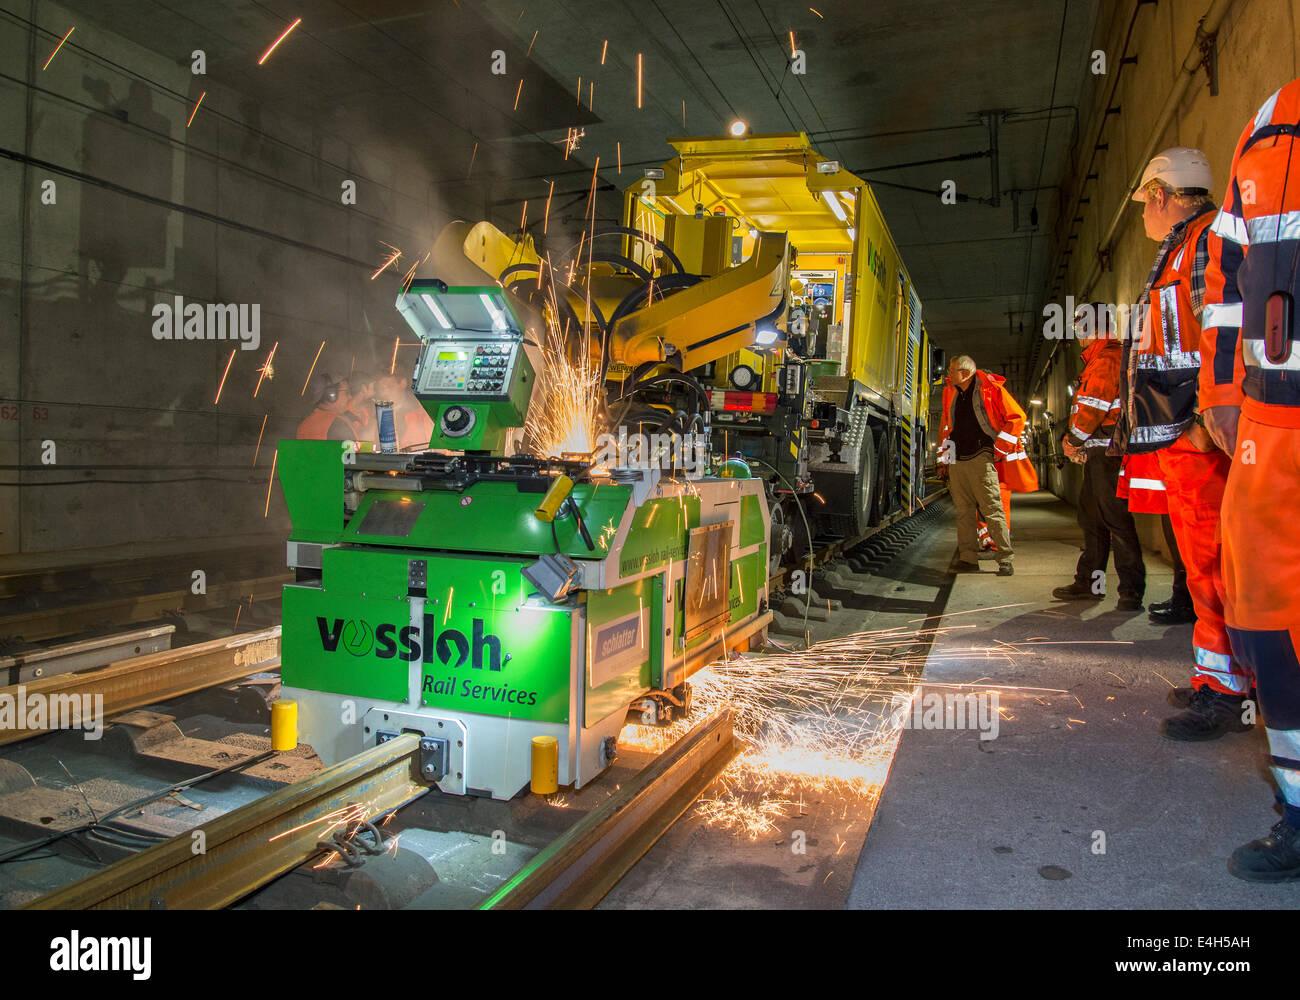 Saldatrice di Vossloh Rail Services recentemente di saldatura di cui i binari della ferrovia in un tunnel. Immagini Stock